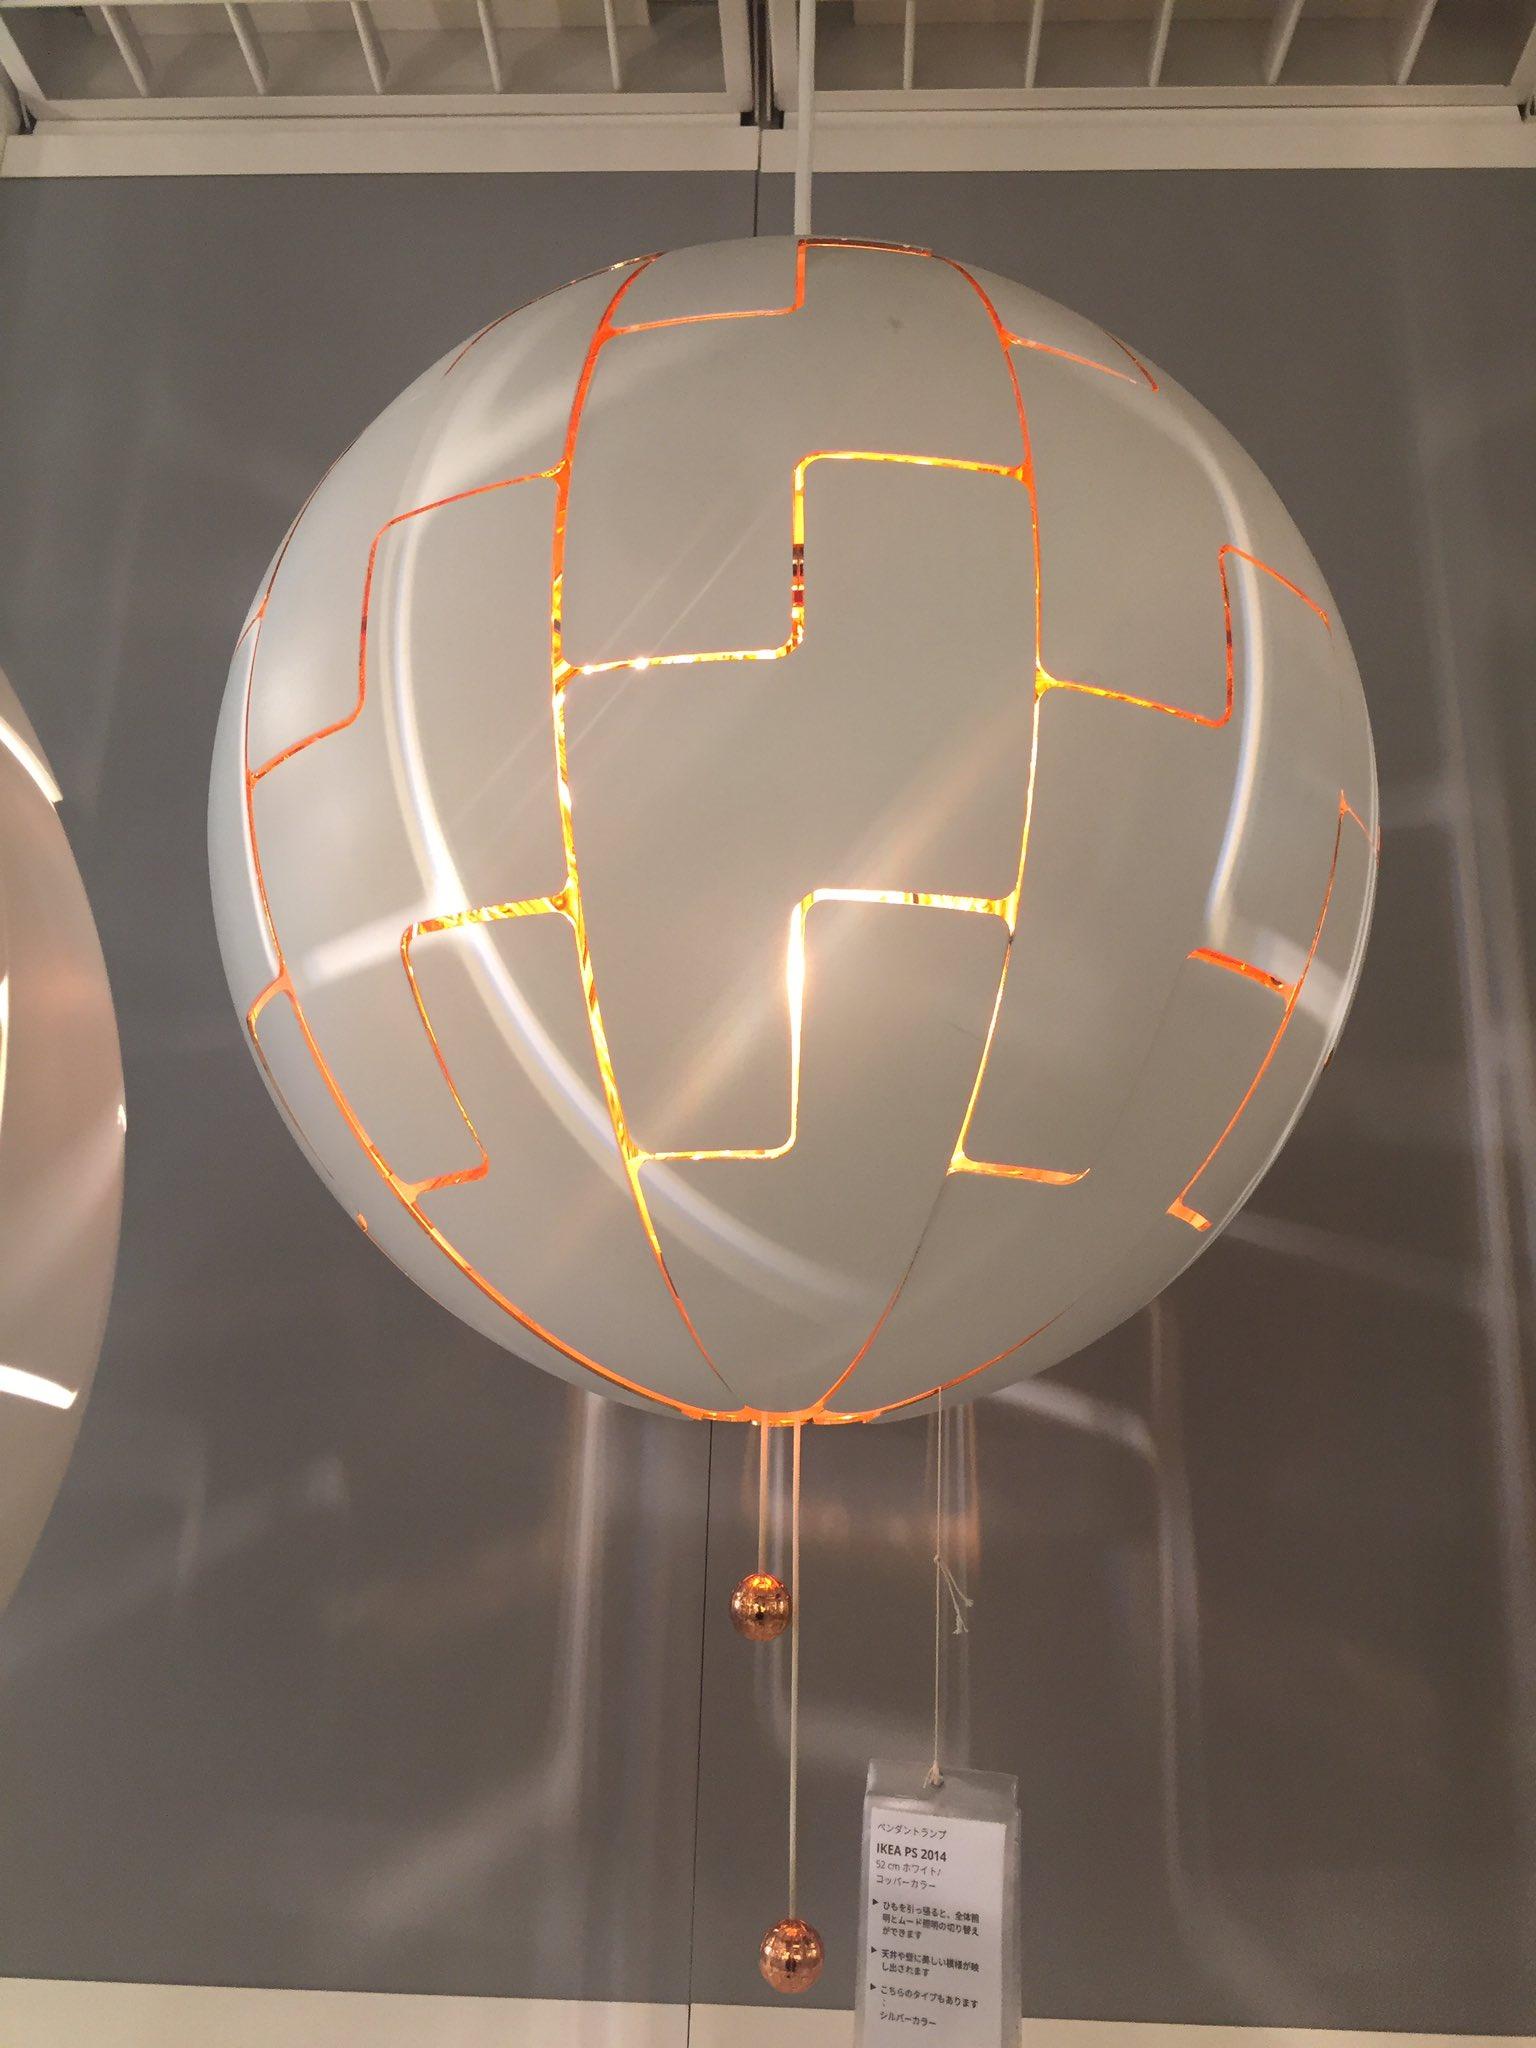 IKEAに来るたびに、この衛星兵器みたいなルームライトを買おうか本気で悩んじゃう。